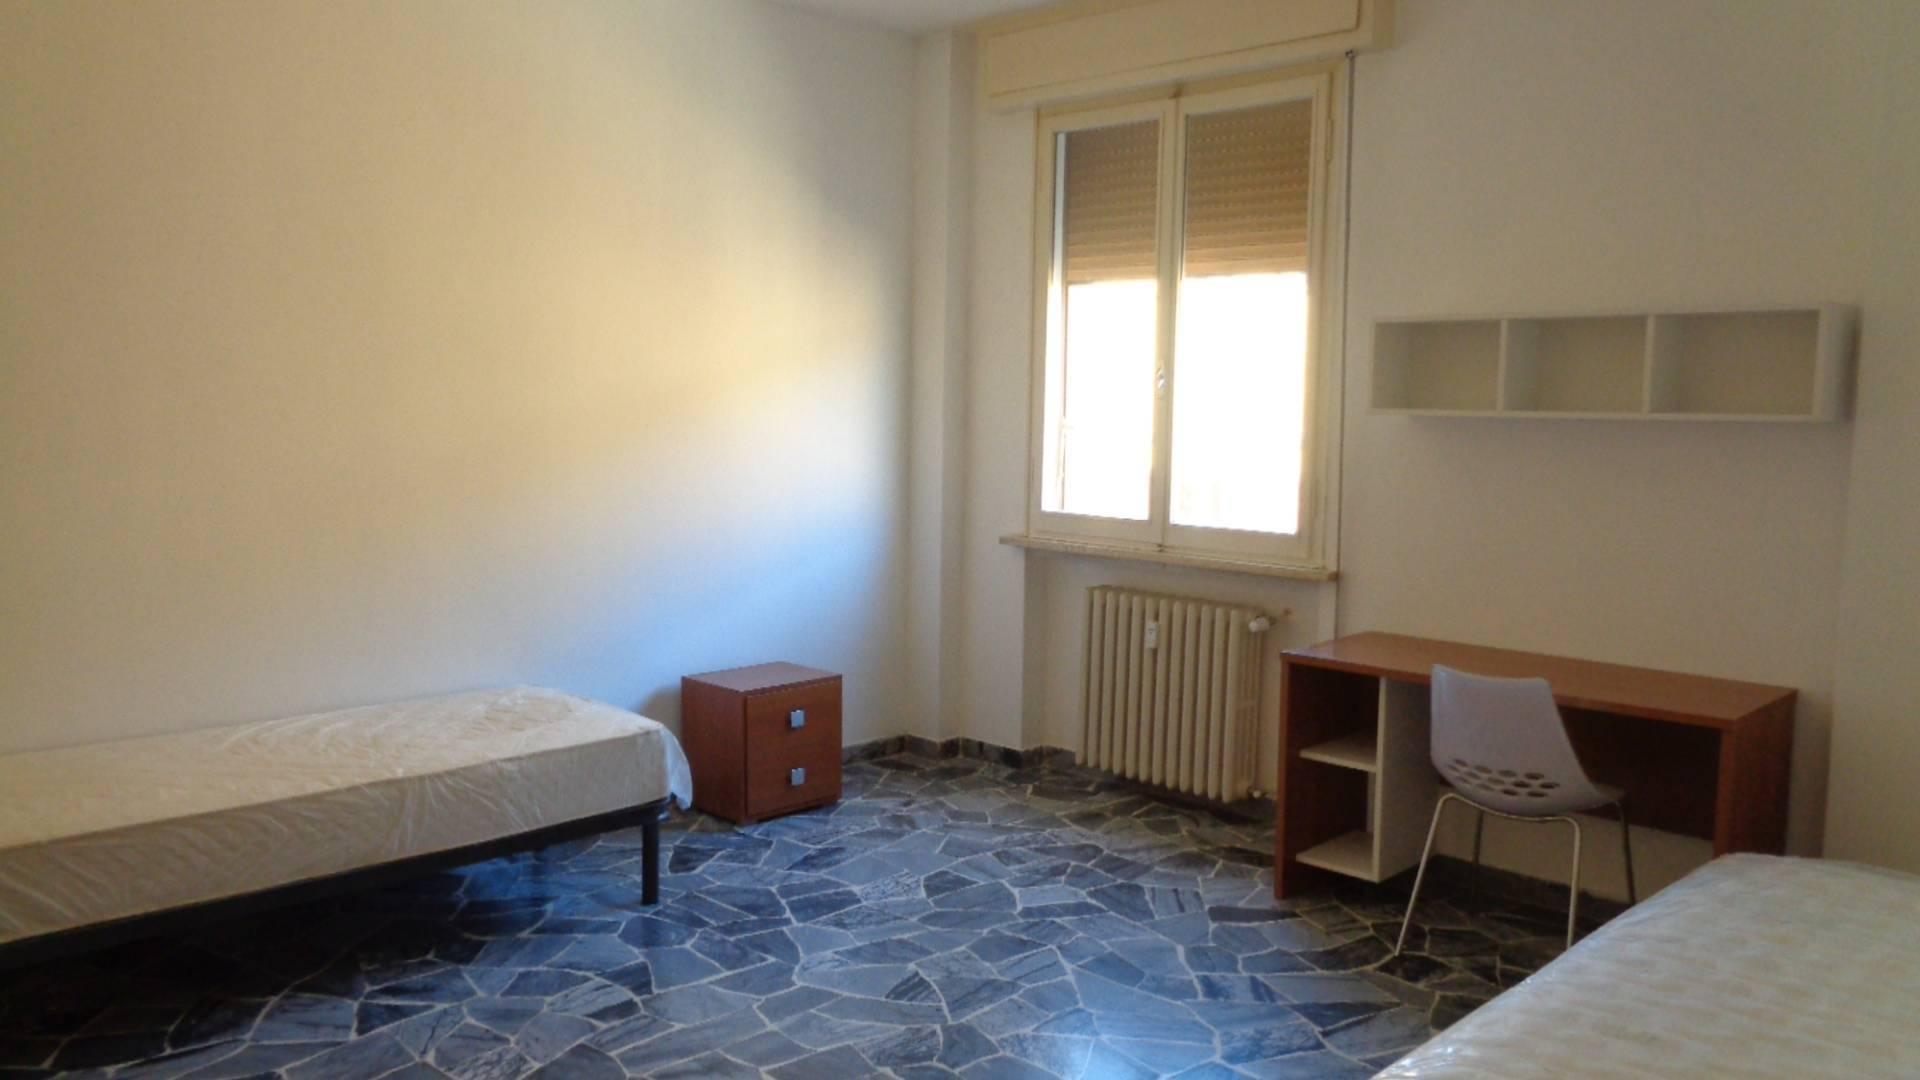 ferrara affitto quart: montebello - piazza ariostea abitare-in alberto alberti